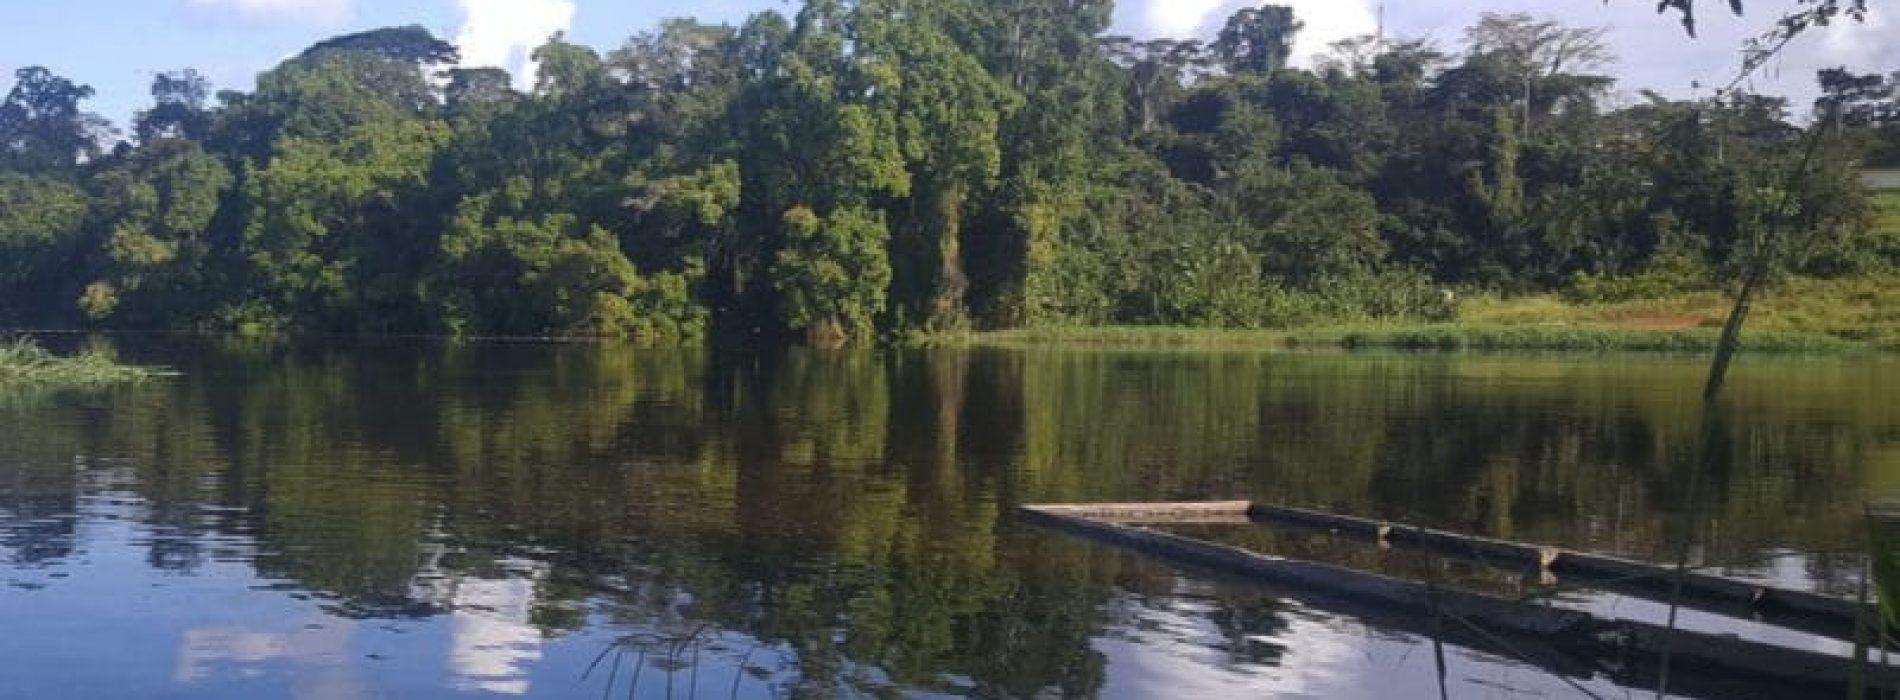 CAMEROON-CONGO: verso la ripresa del progetto idroelettrico da 600 MW sul fiume Dja/Ngoko